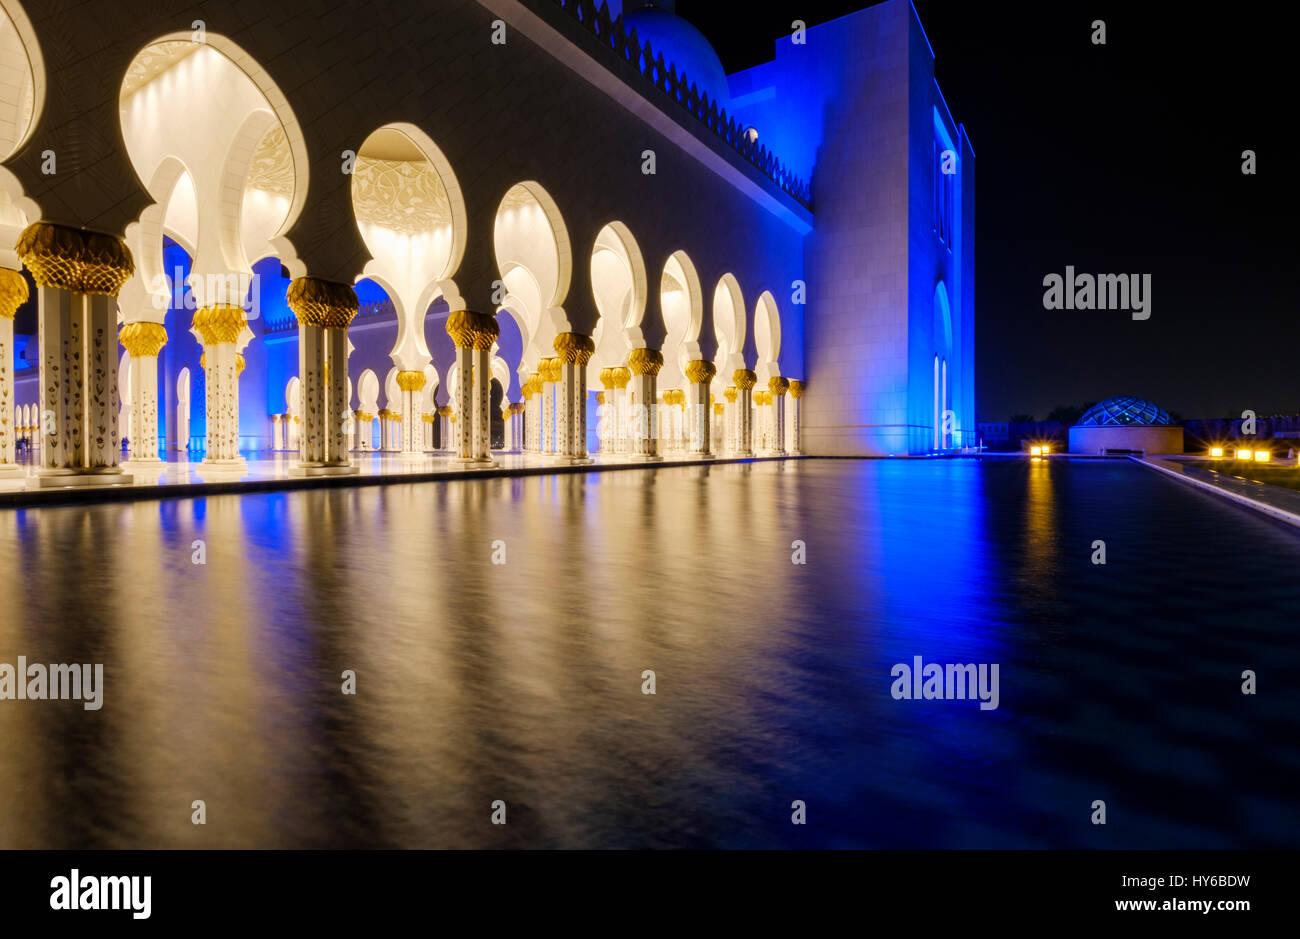 Emirats arabes unis, ABU DHABI - CIRCA JANVIER 2017: piscine, des arches et des colonnes de la mosquée Photo Stock